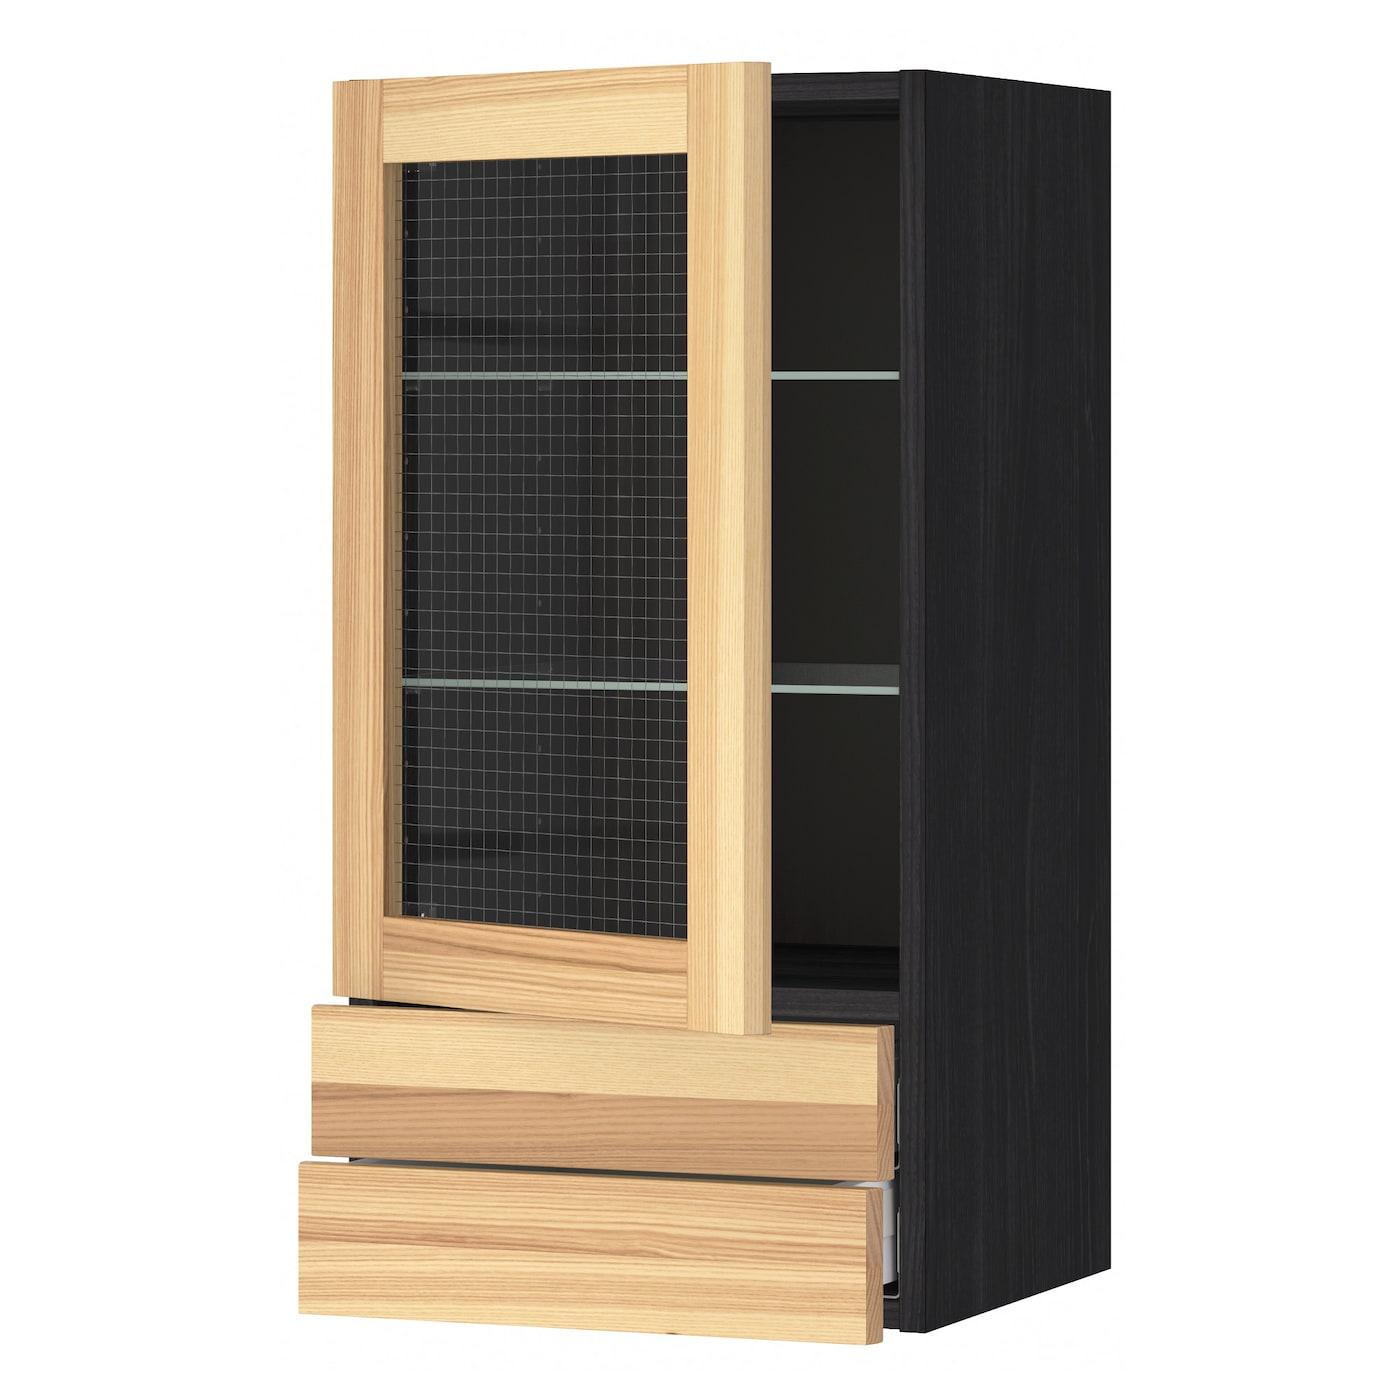 Ikea Kitchen Glass Cabinets: Wall Cabinets & Kitchen Wall Units